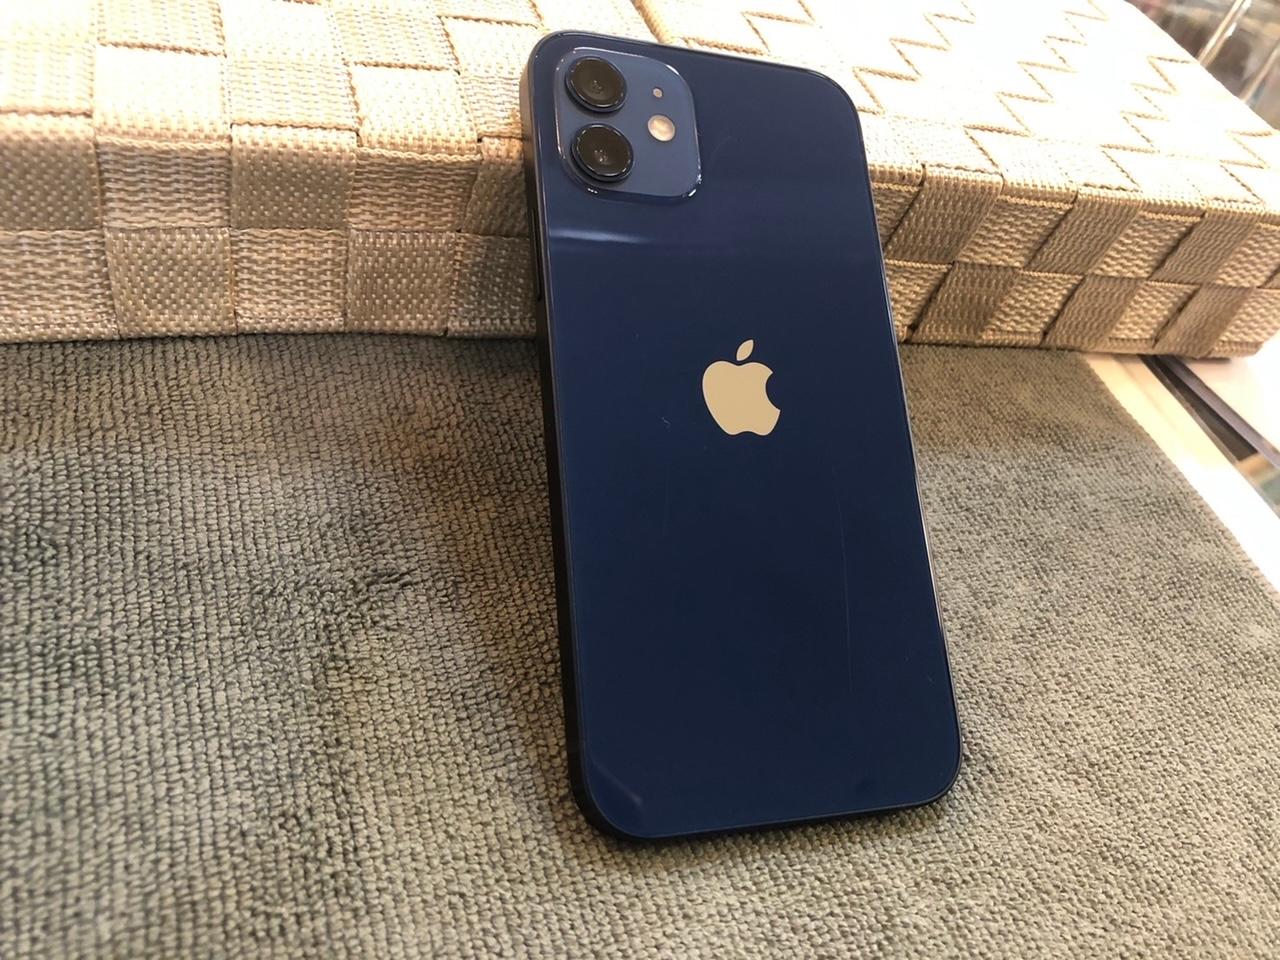 iPhone12 ガラスコーティング 川西市よりご来店 So